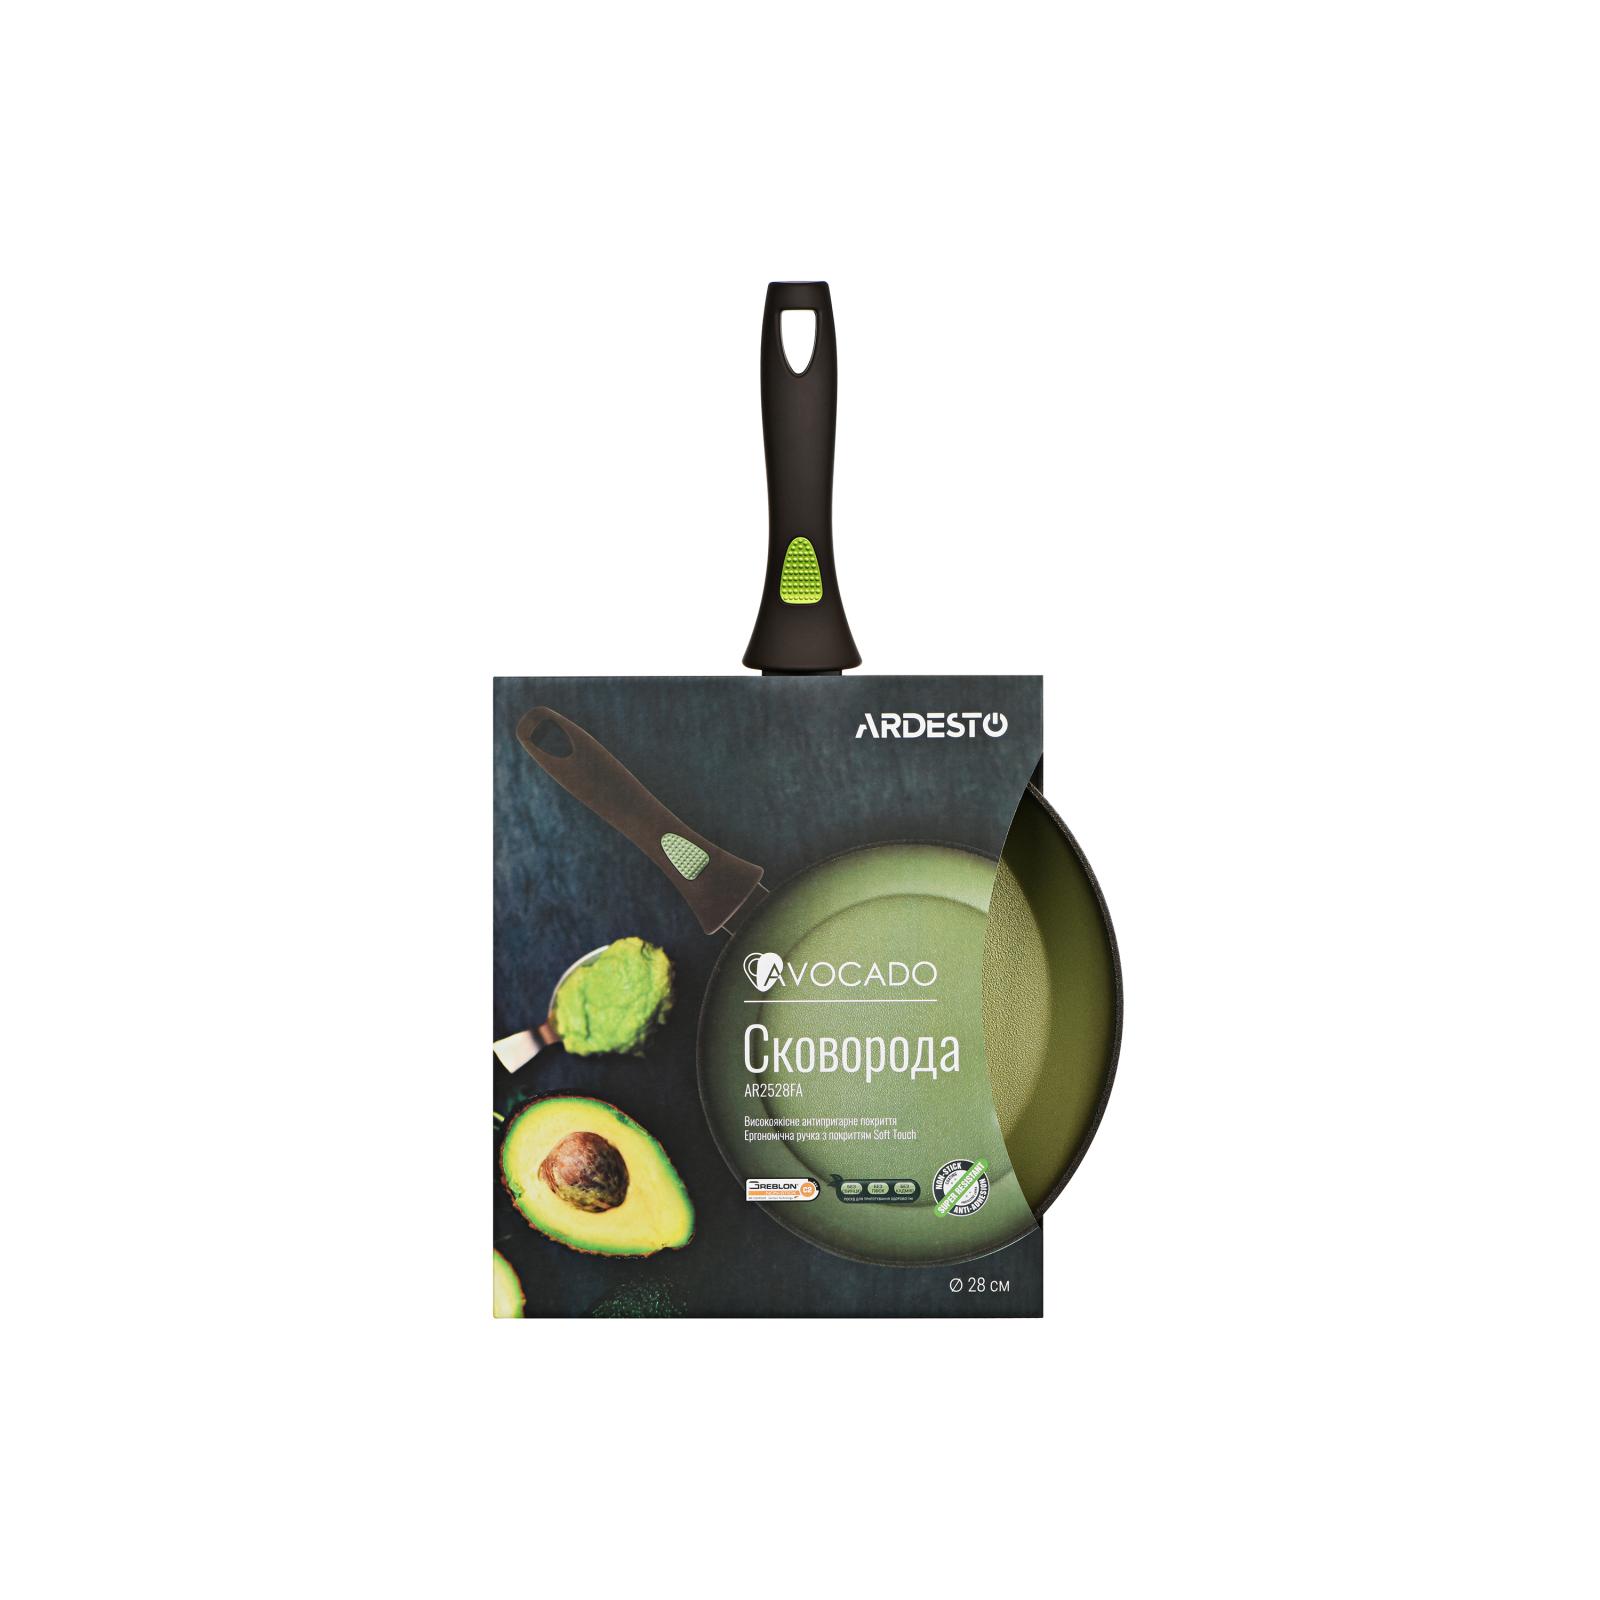 Сковорода Ardesto Avocado 28 см (AR2528FA) изображение 6